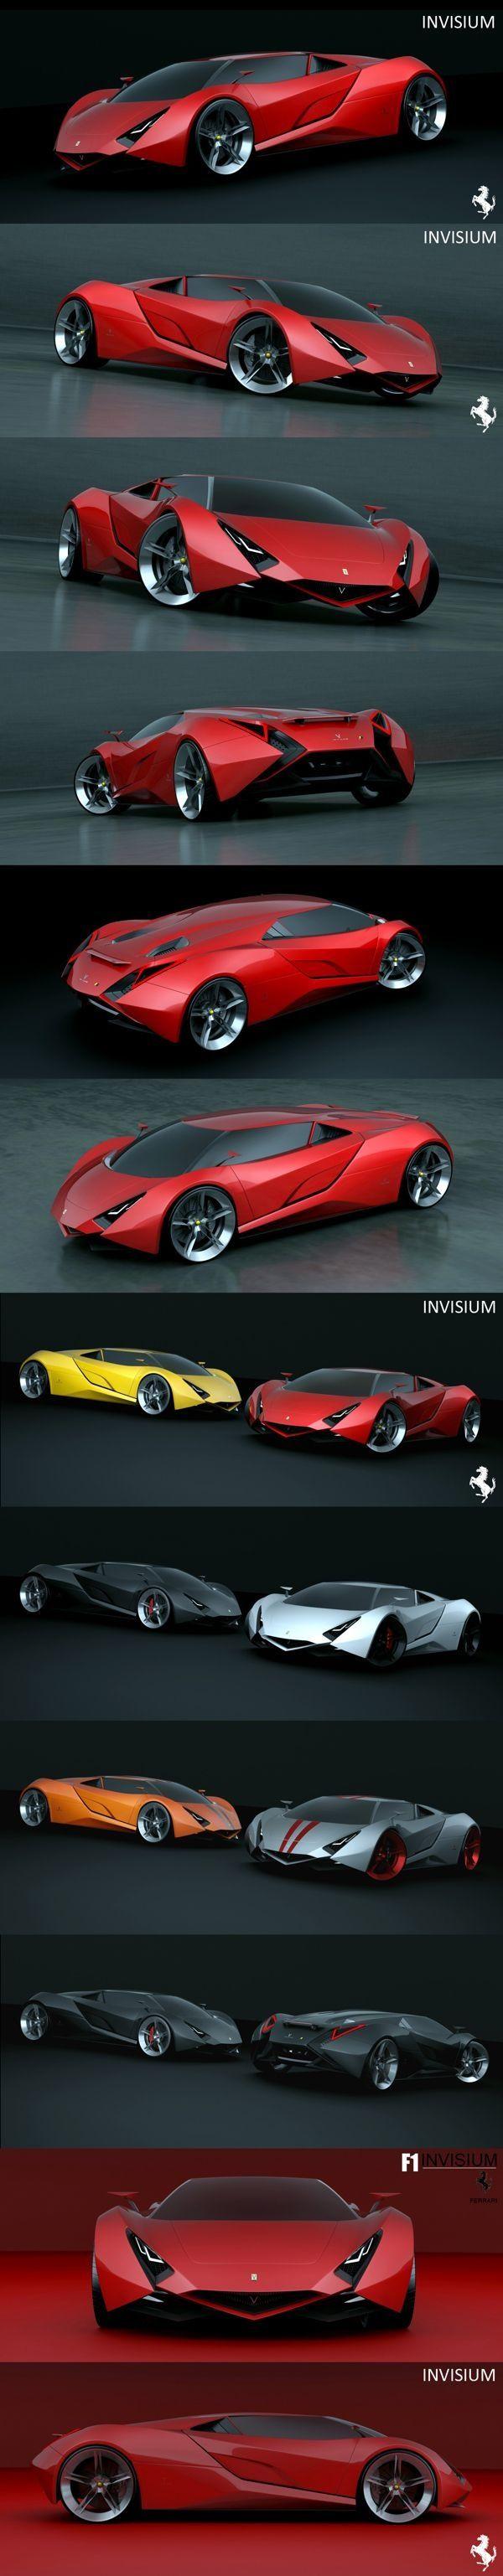 Ferrari. I'd almost expect this in Lamborghini's line, mores than Ferrari's, but…